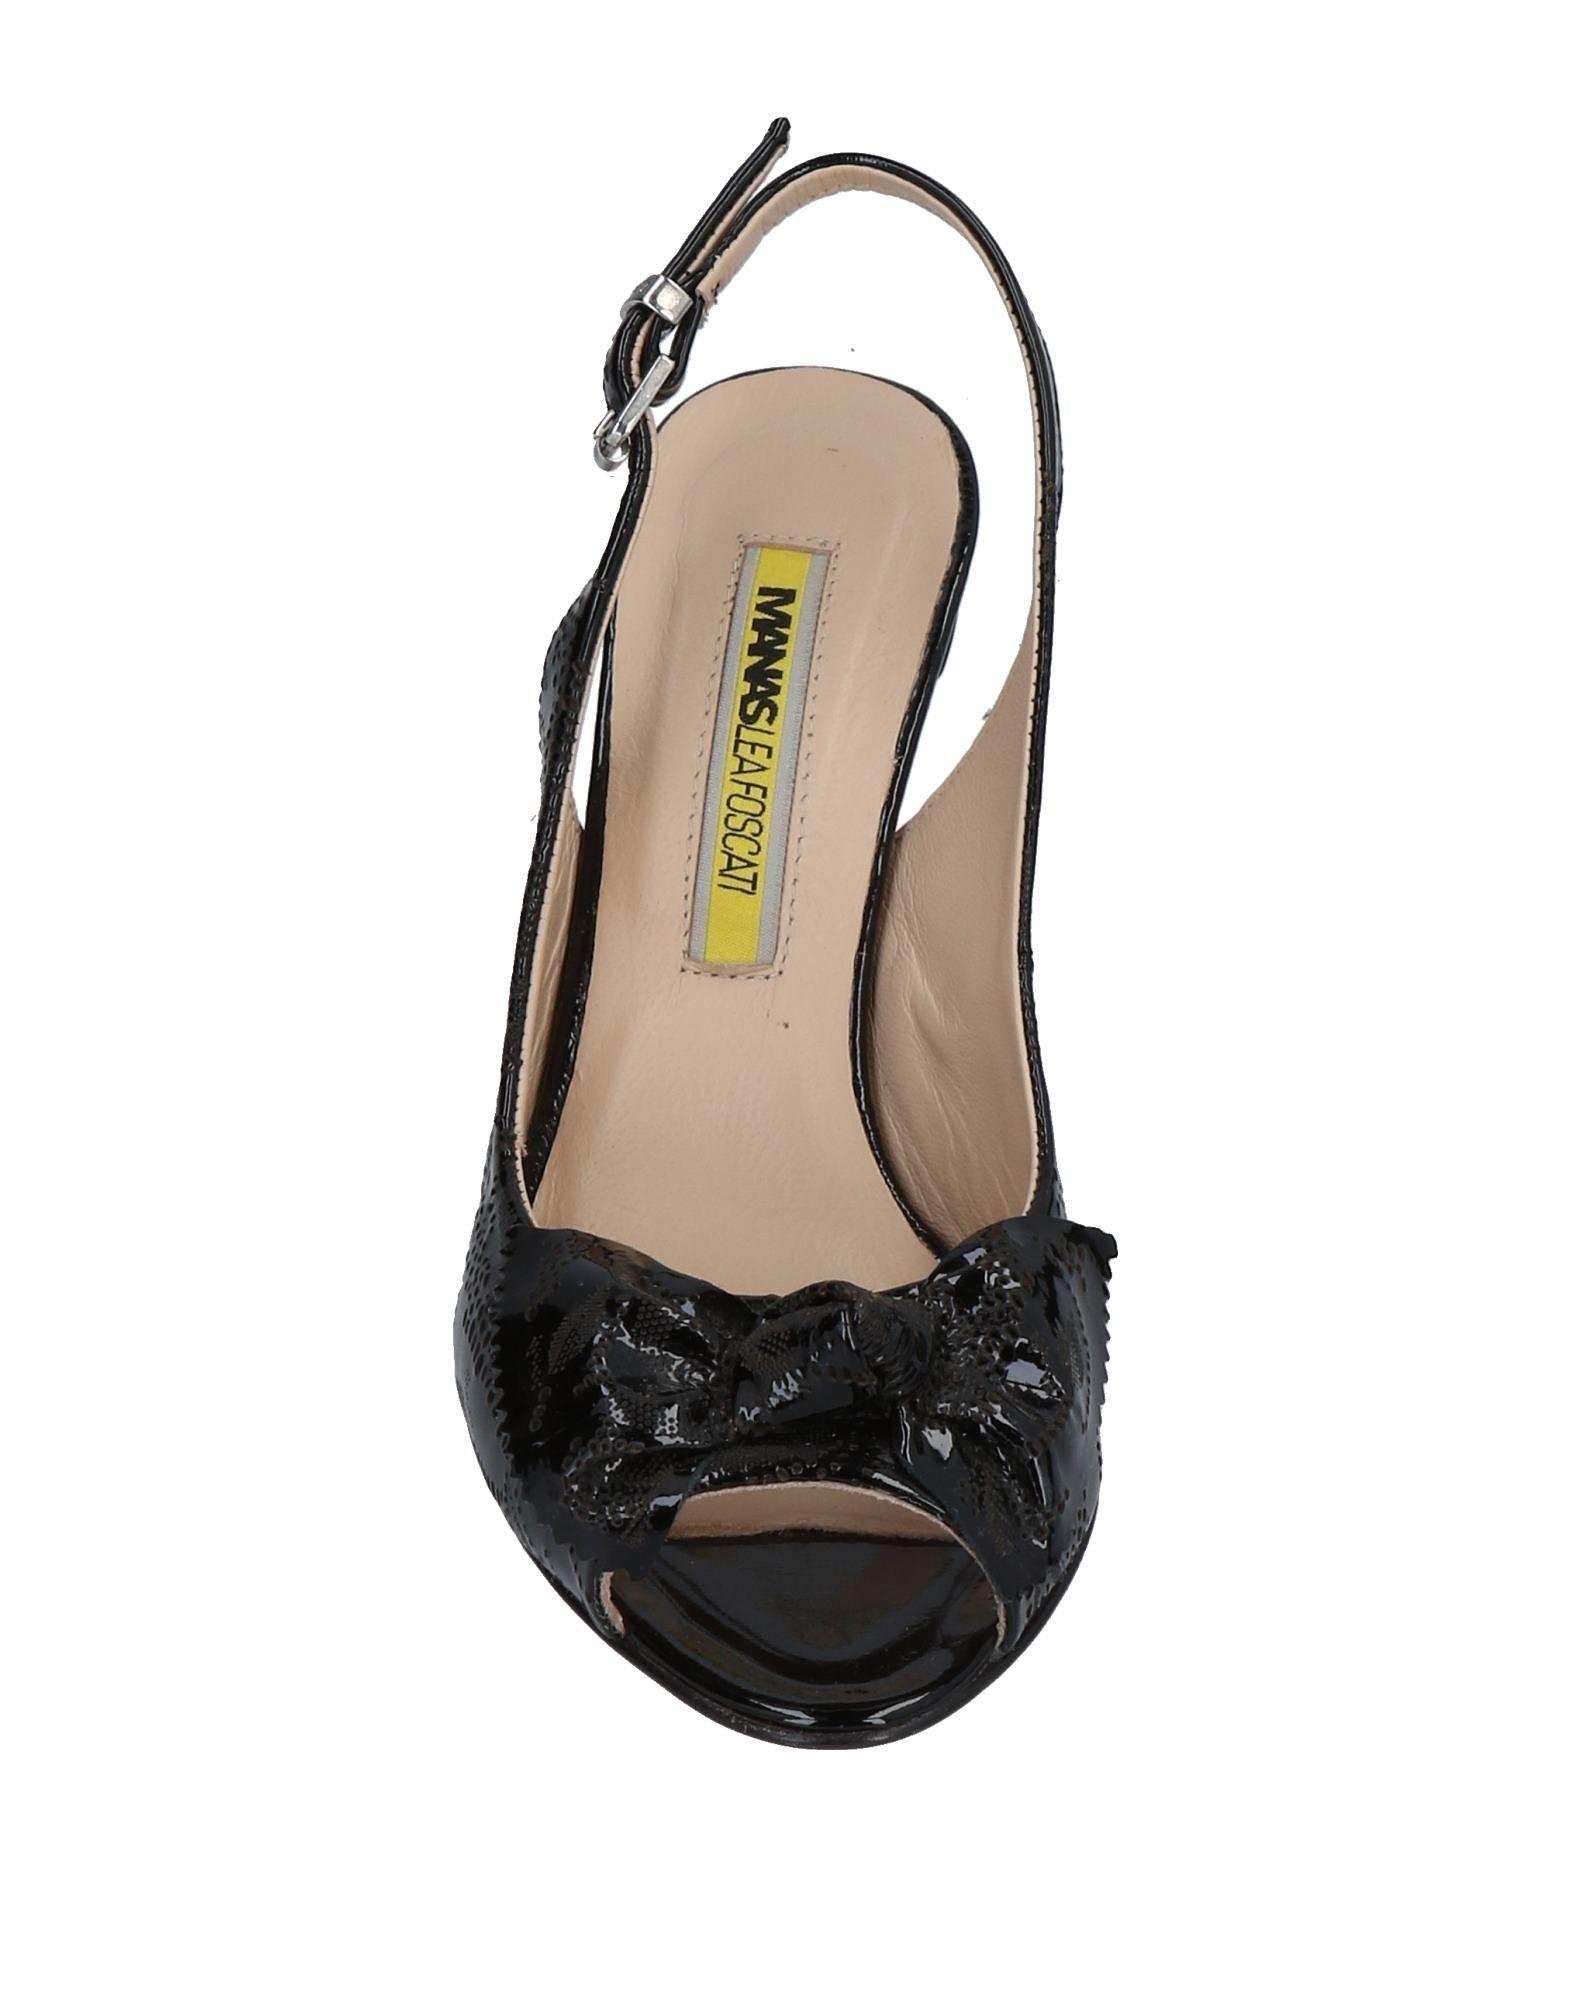 Manas Lea Foscati Sandalen Damen Gute  11497416XA Gute Damen Qualität beliebte Schuhe a731c2